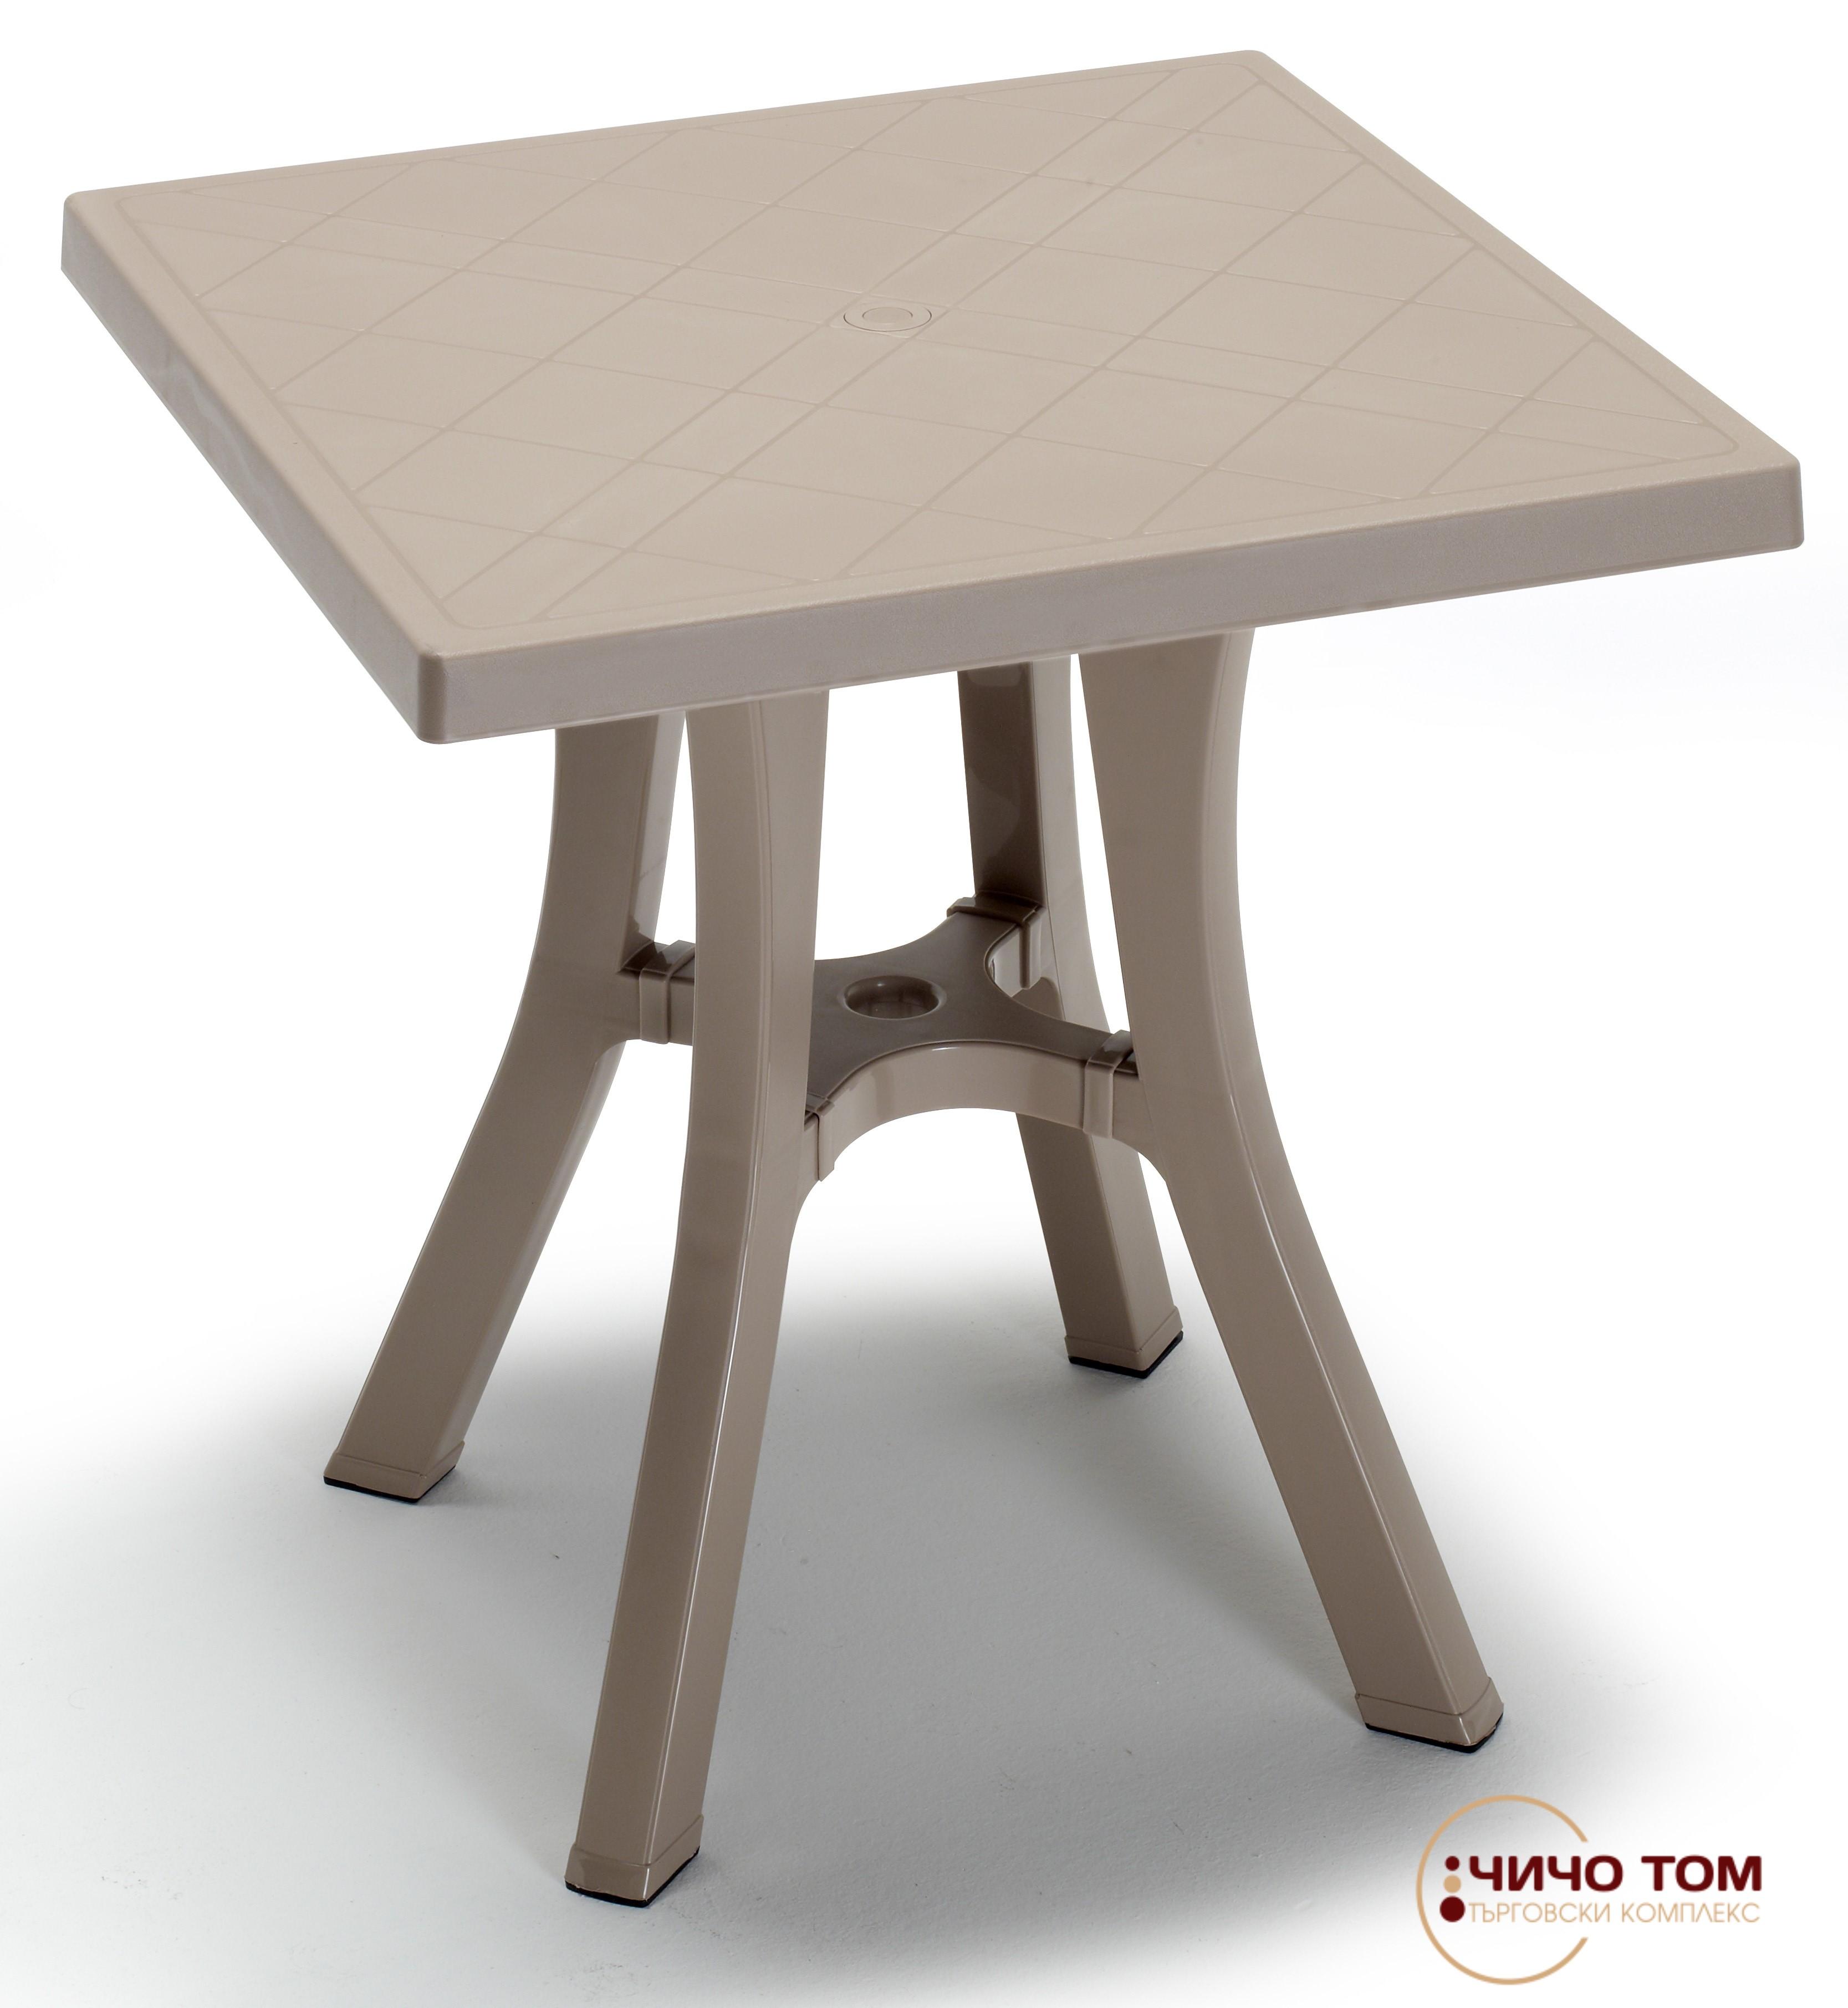 Пластмасова маса Daddy 70х70 /бежова/